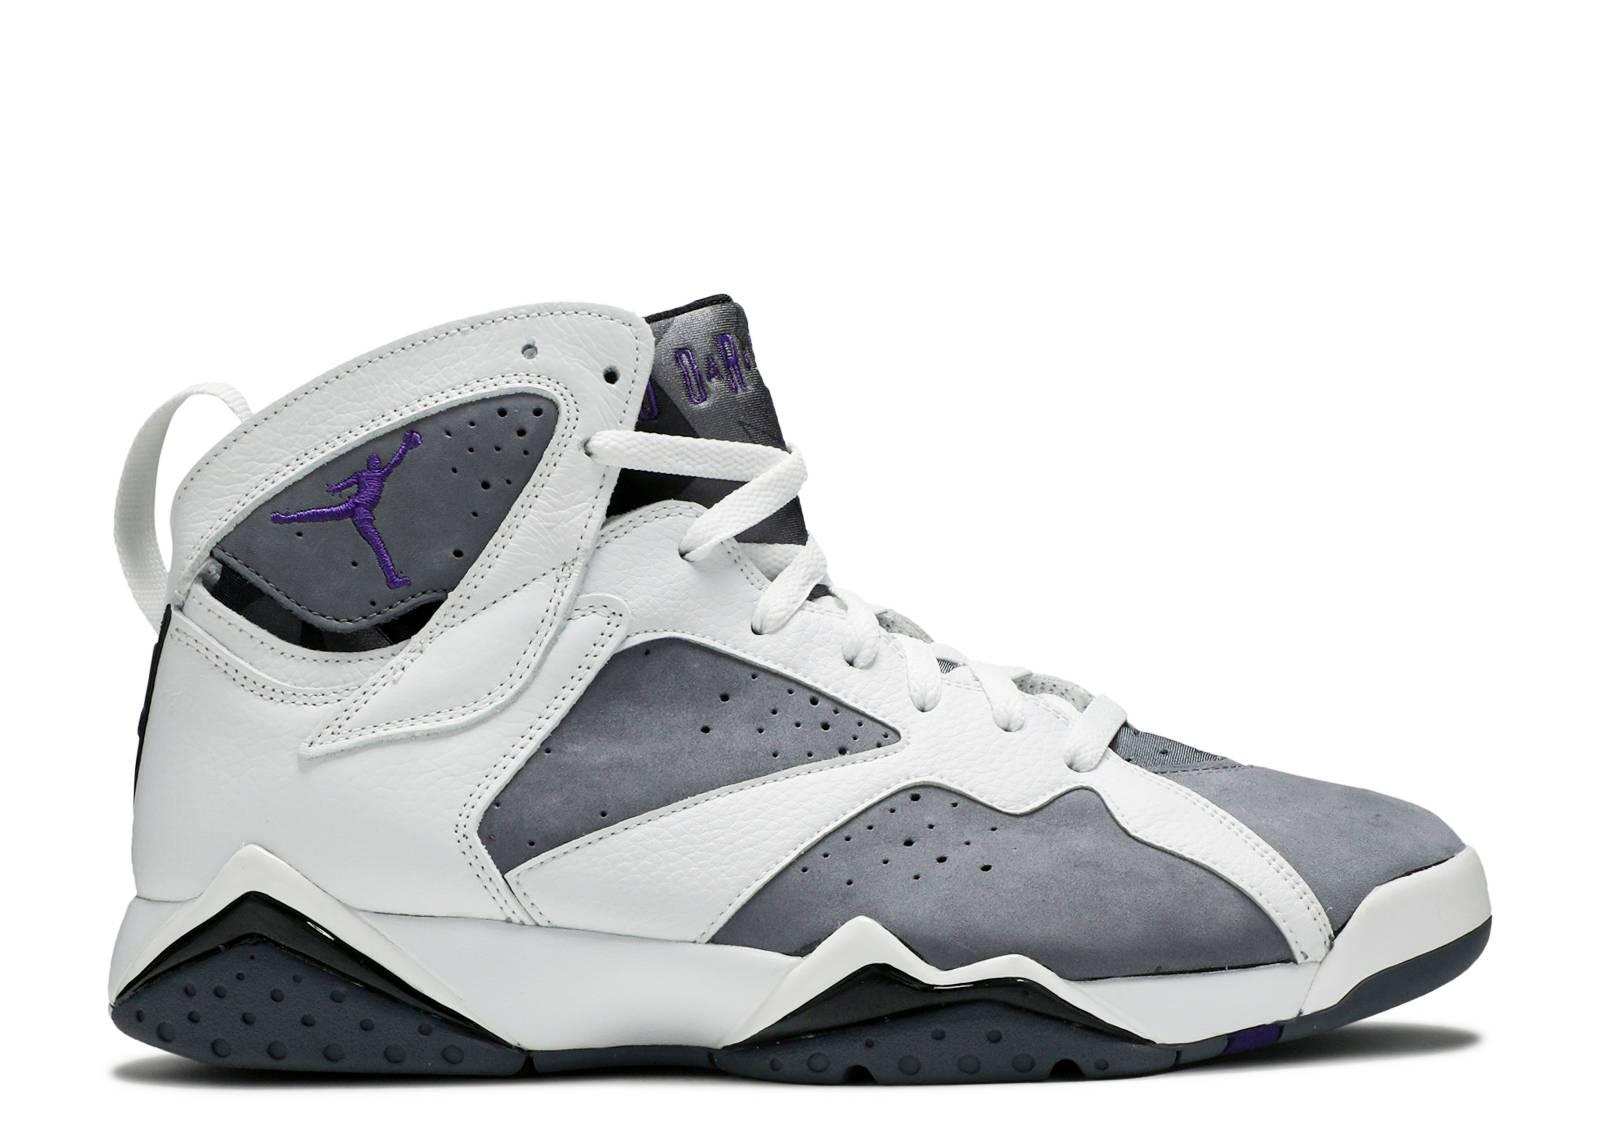 Air Jordan 7 Sneakers | Flight Club